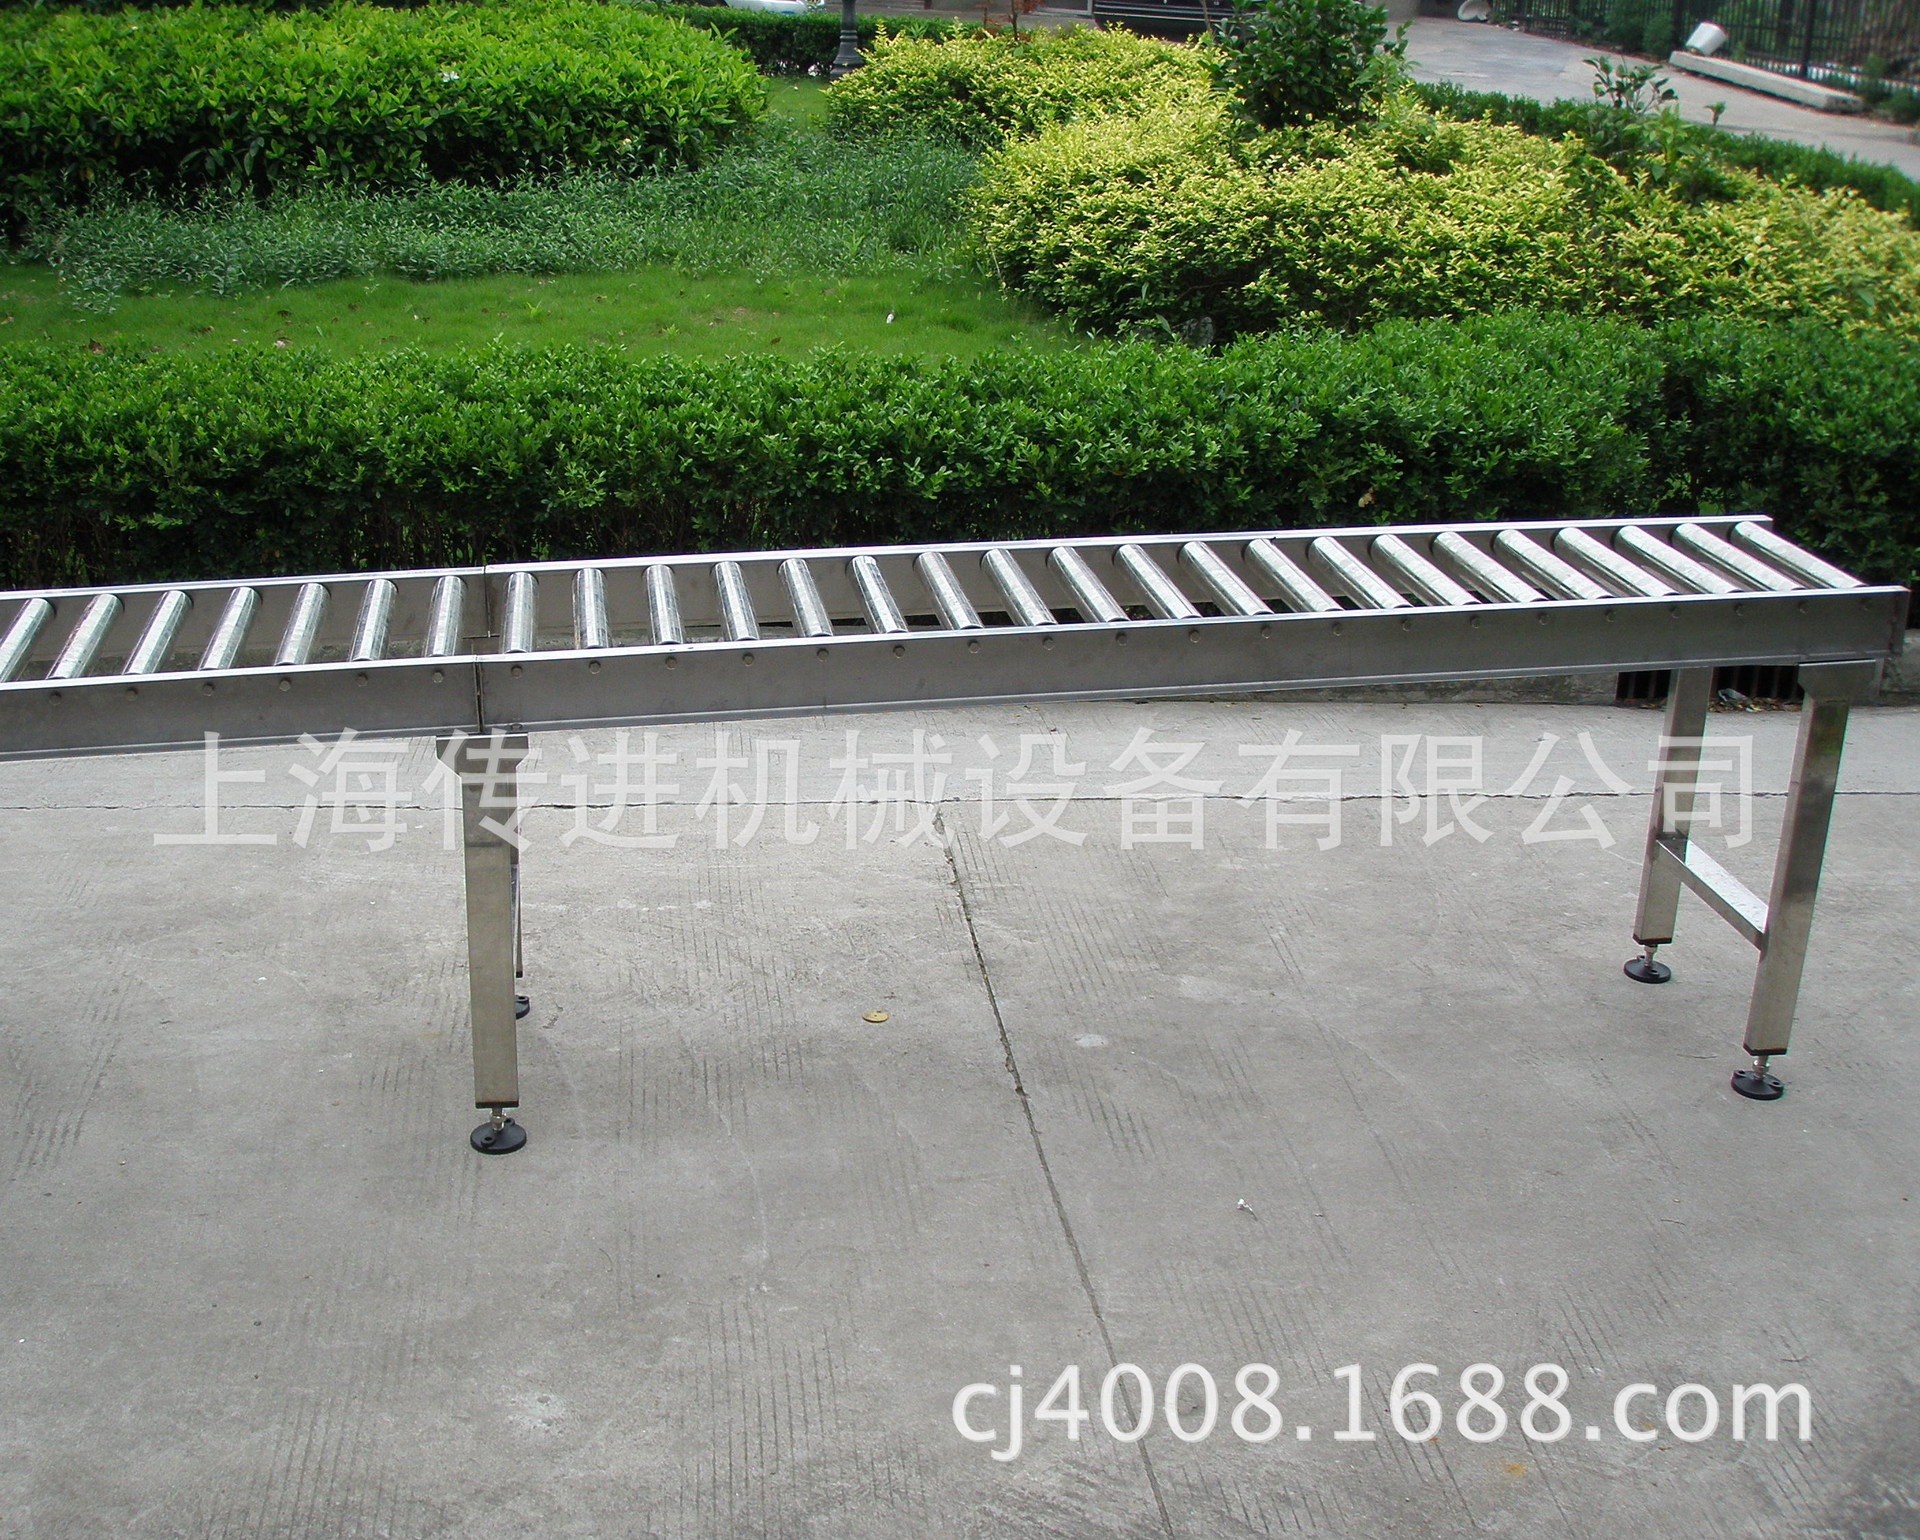 chuanjin-上海传进 非标滚筒输送机-无动力滚筒输送线-重型输送机